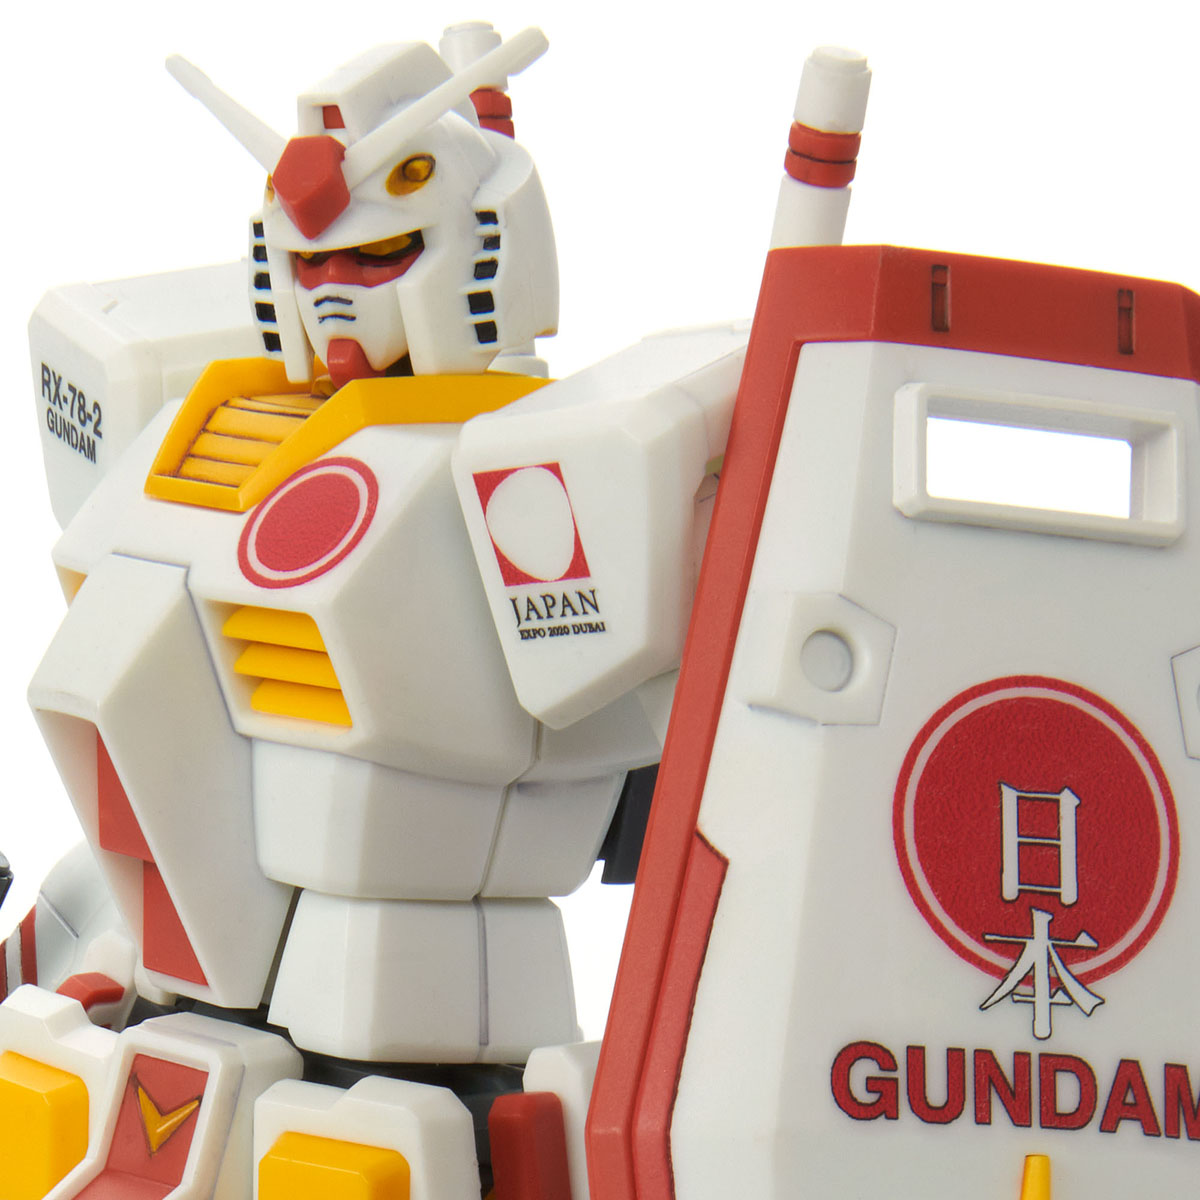 HG 1/144 RX-78-2 GUNDAM [PR ambassador of the Japan Pavilion, Expo 2020 Dubai] [Nov 2021 Delivery]